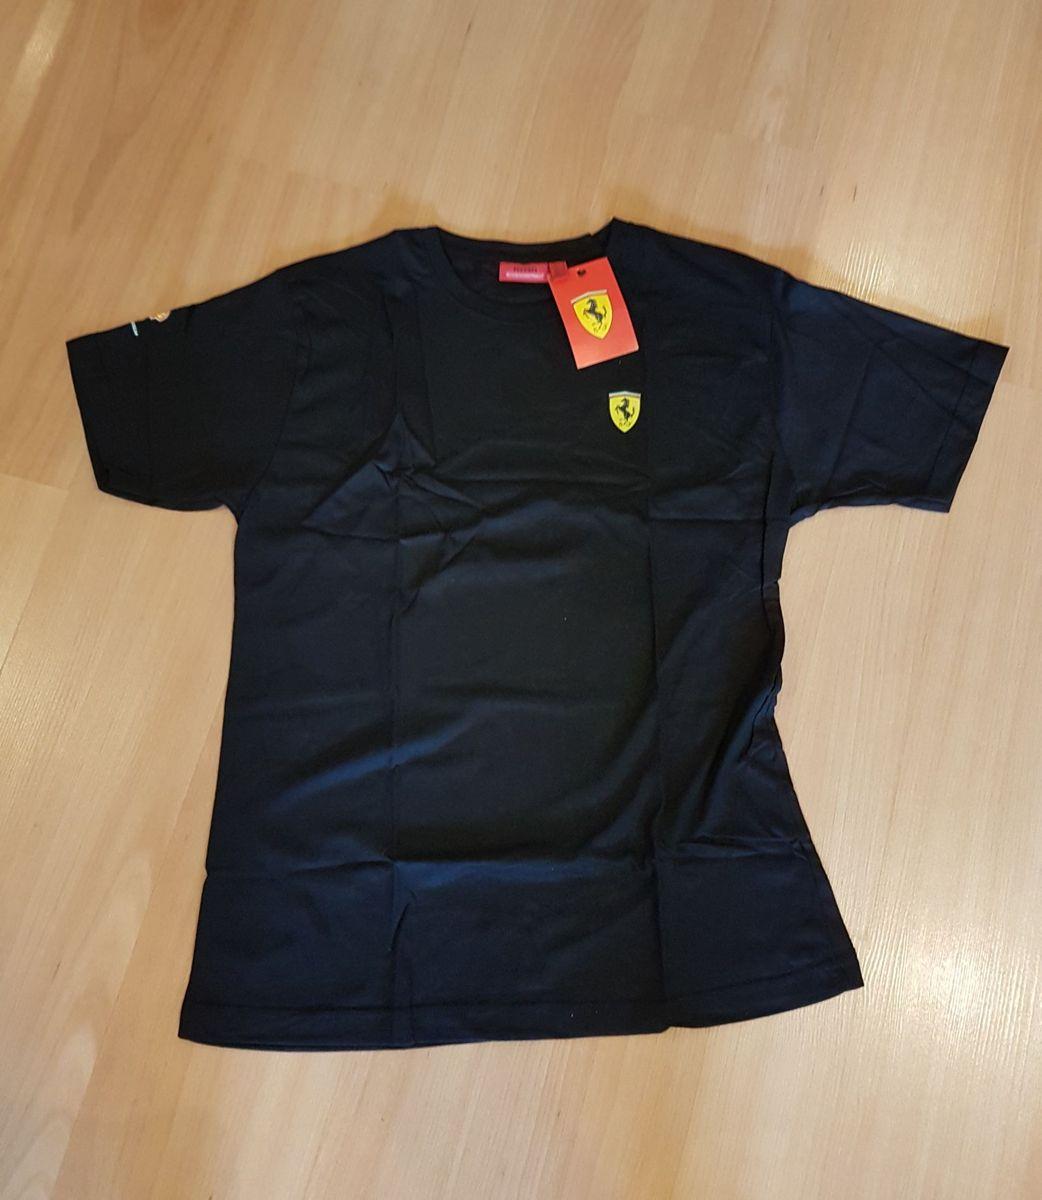 5c23df4ff1 camiseta shell ferrari original preta. - camisetas ferrari